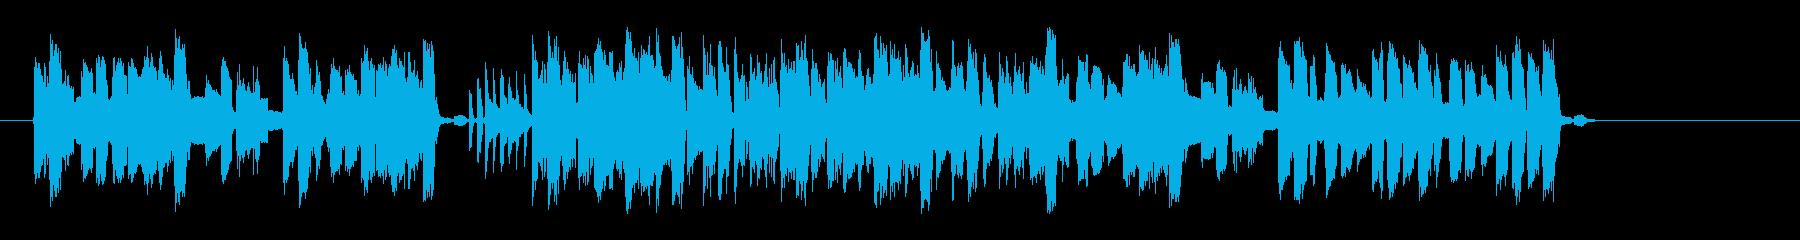 シンセのリズムが現代的なポップスの再生済みの波形